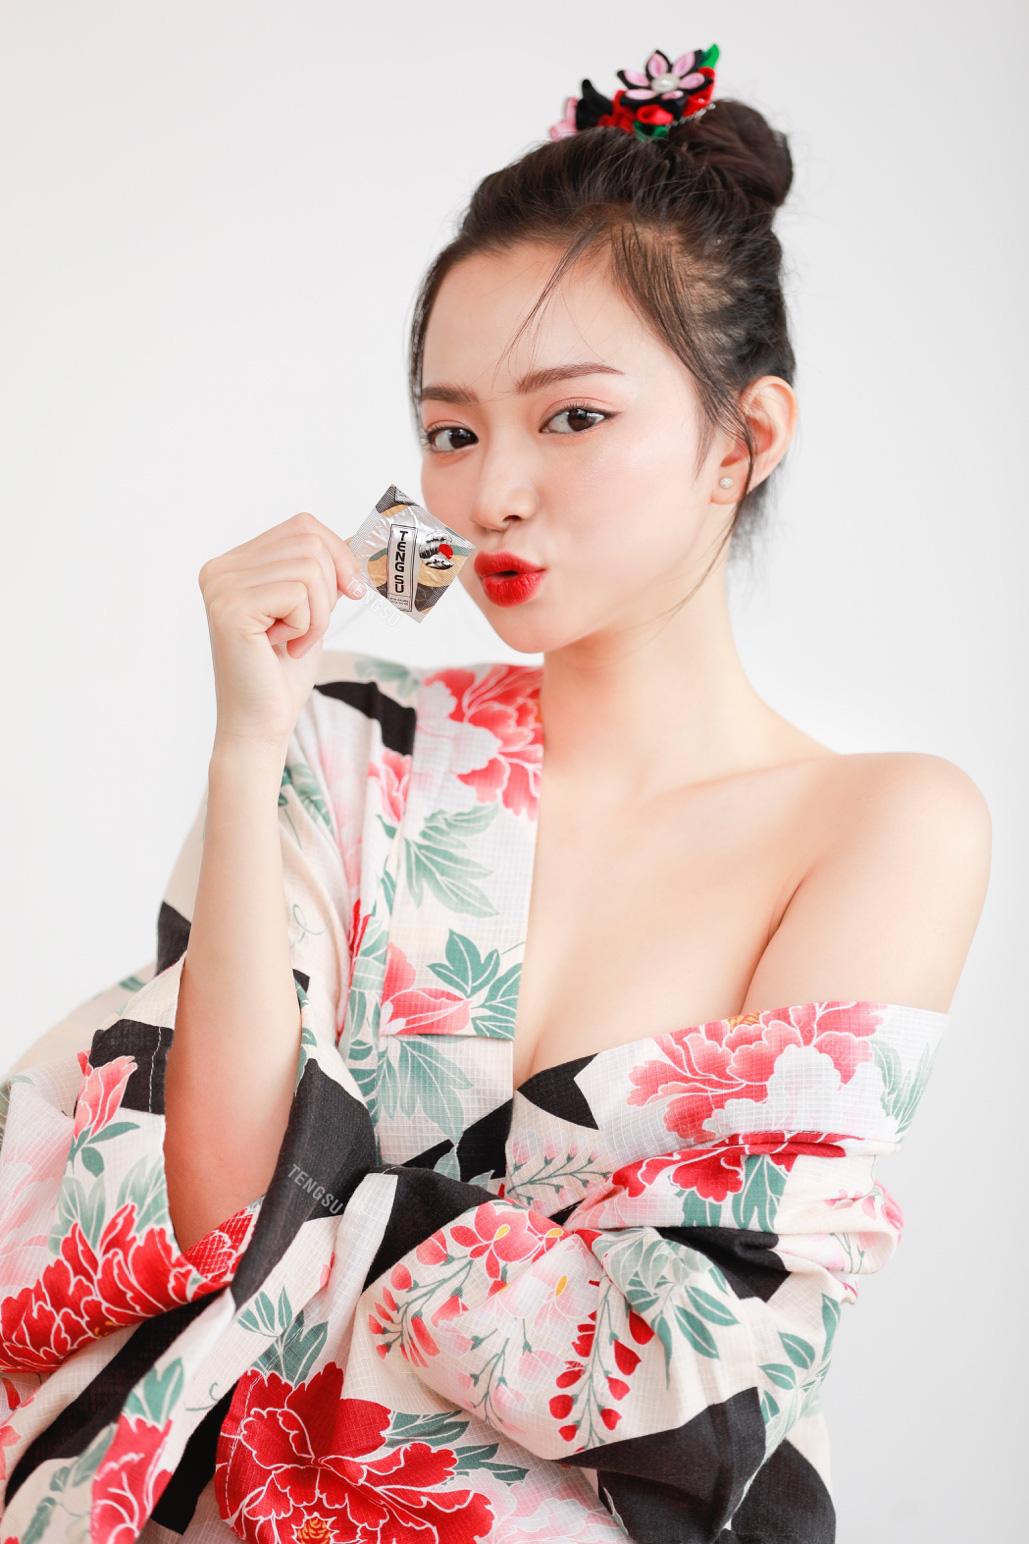 Bóng hồng streamer sinh năm 1999 lần đầu mặc kimono nóng bỏng, ai nấy đều ngỡ ngàng vì quá xinh - Ảnh 4.